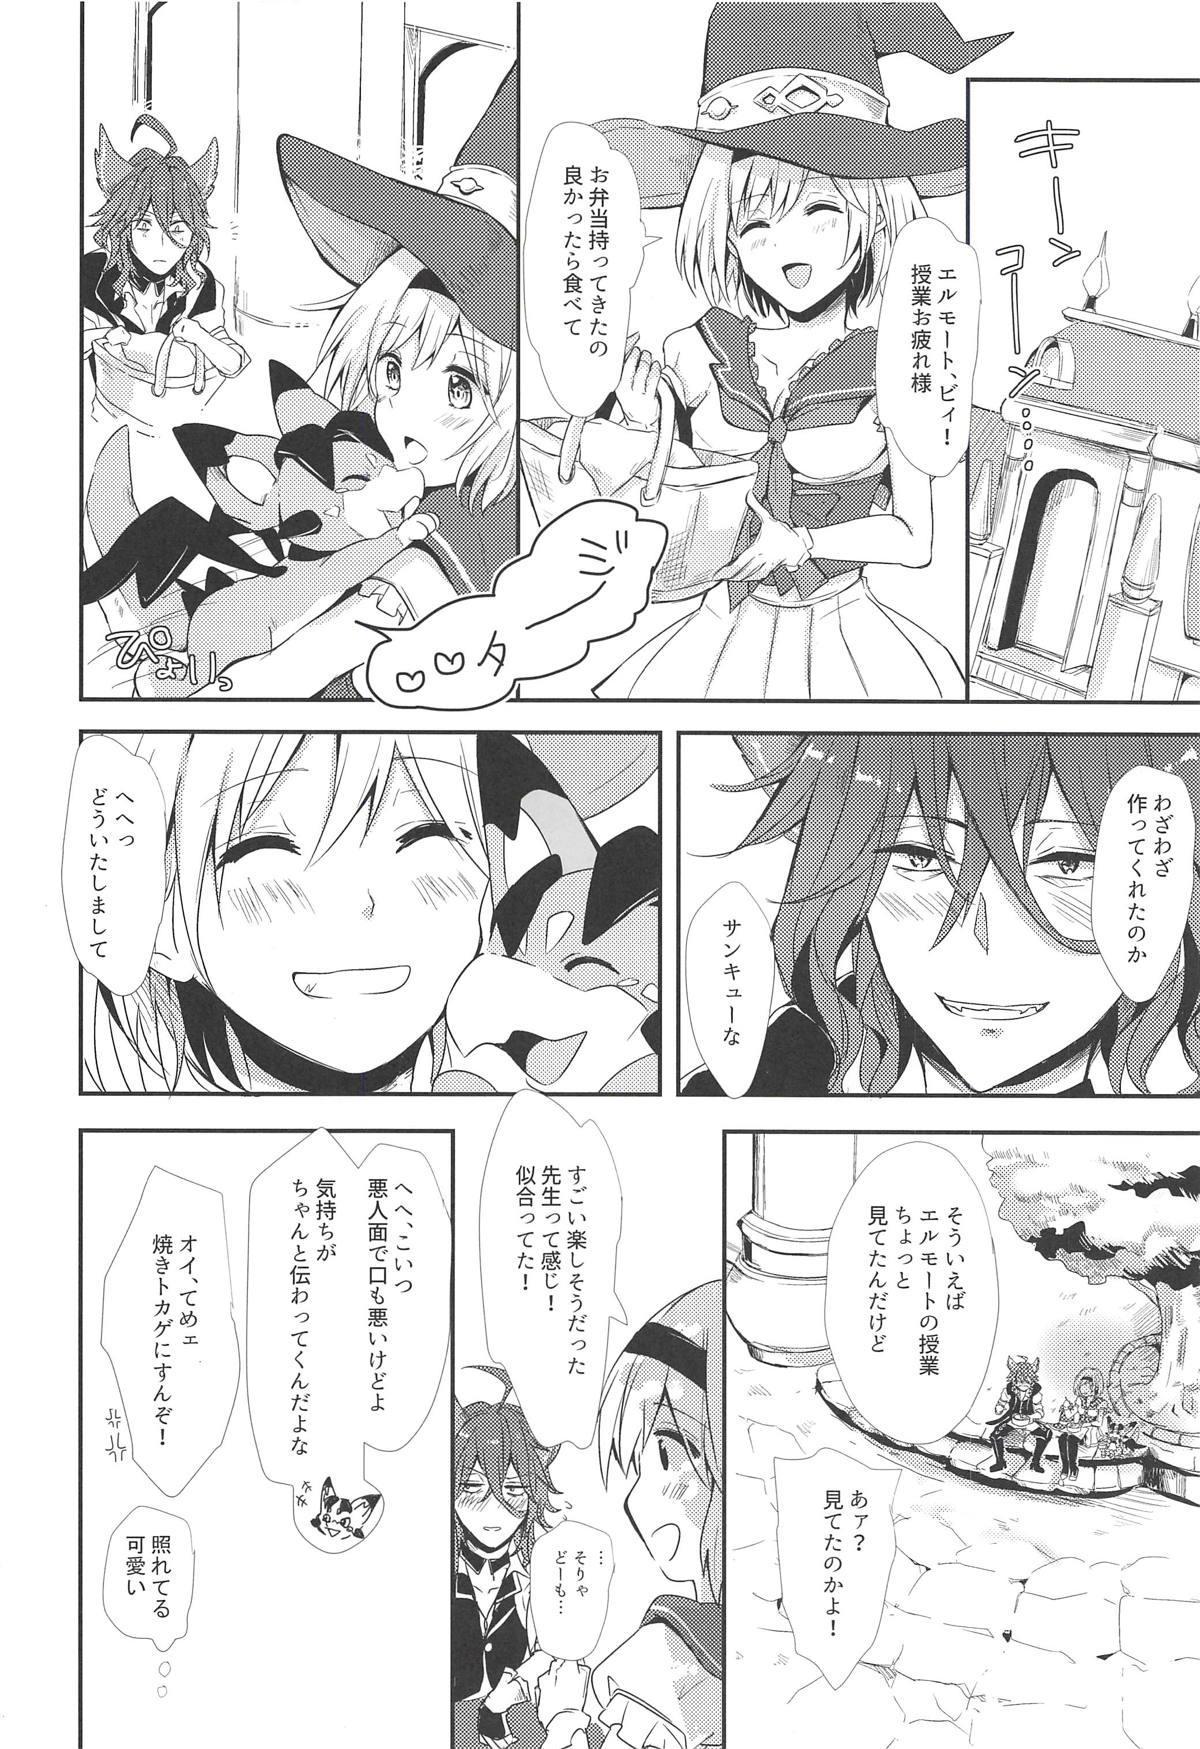 Elmott Sensei, Shitsumon desu! 8